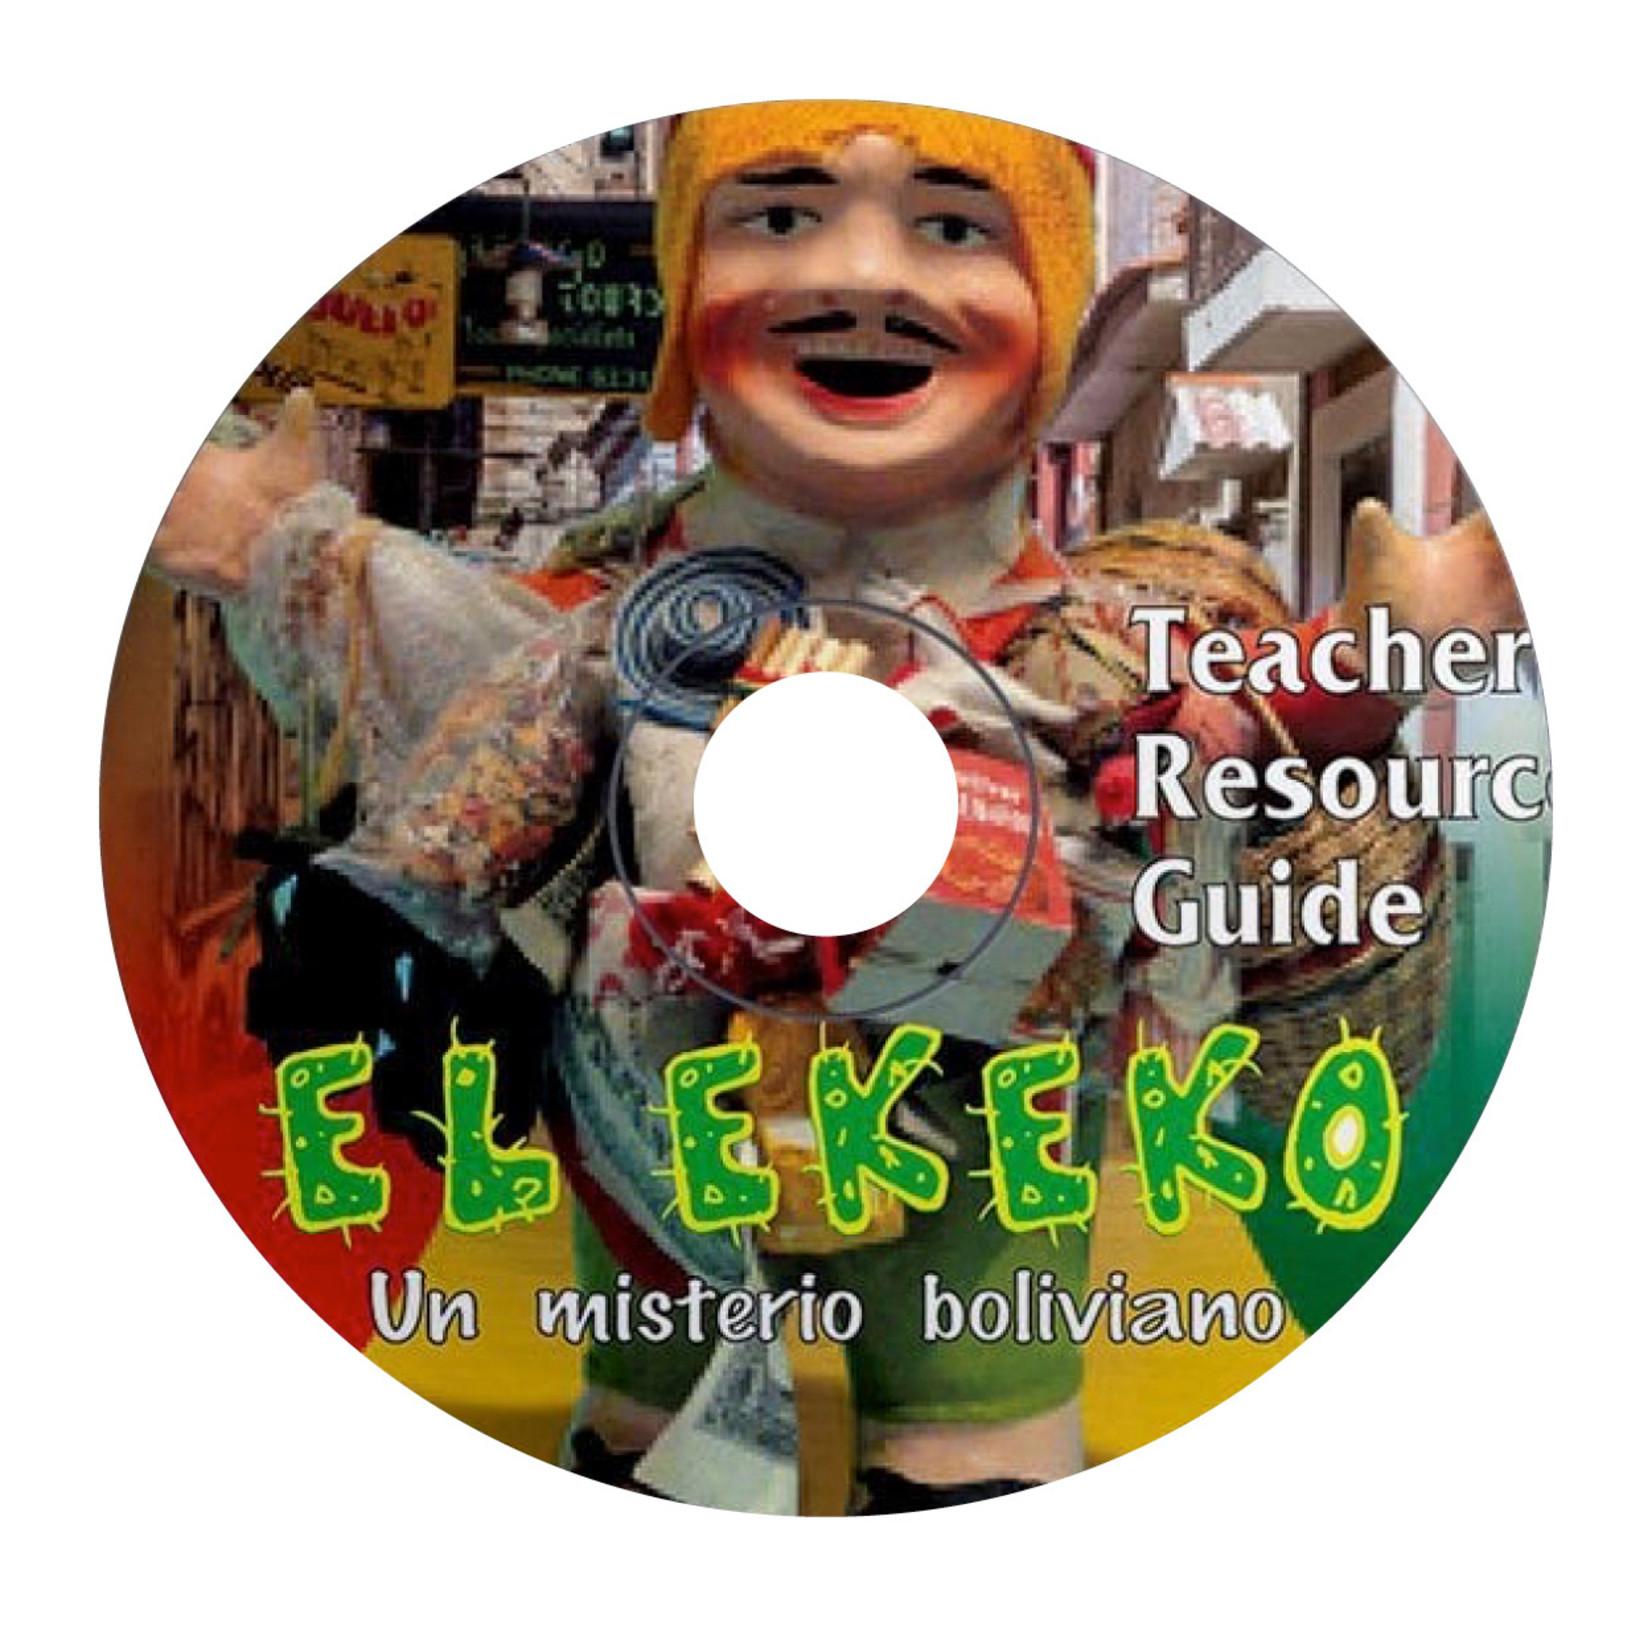 Fluency Matters El Ekeko - Teacher's Guide on CD